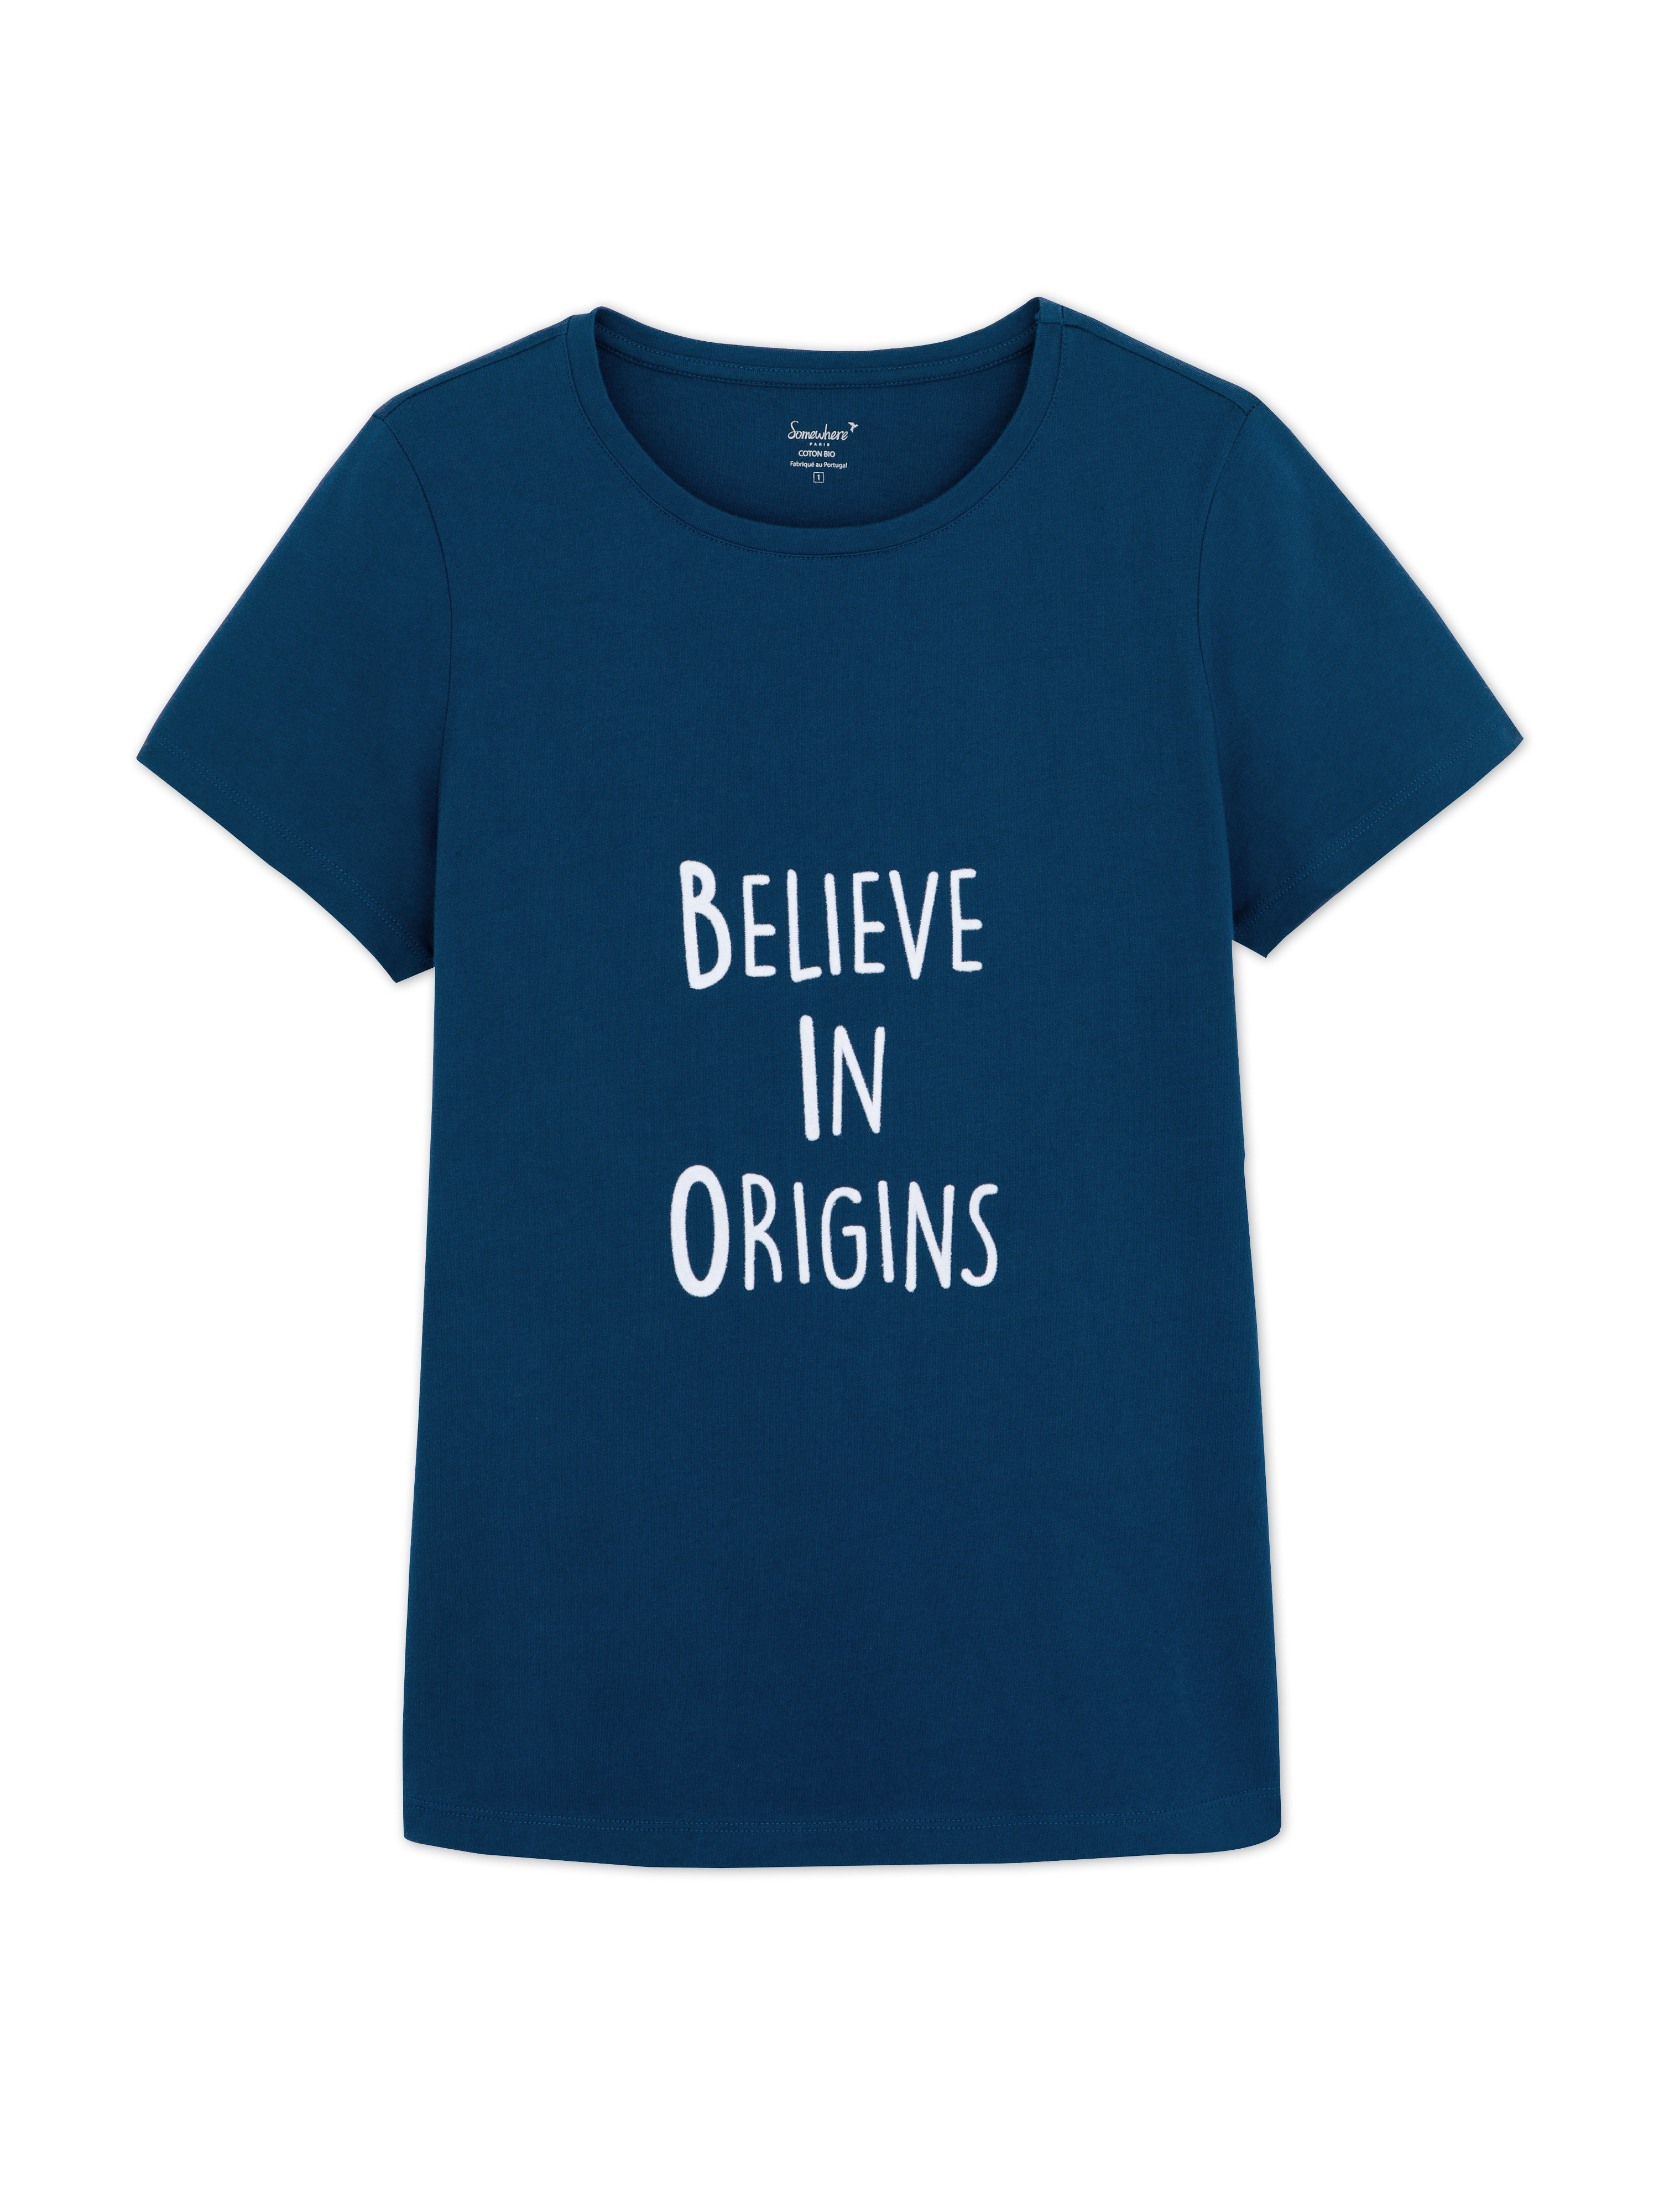 T Bio Coton À Cobalt Femme shirt Message SomewhereCouleur 5Lc4j3ARqS